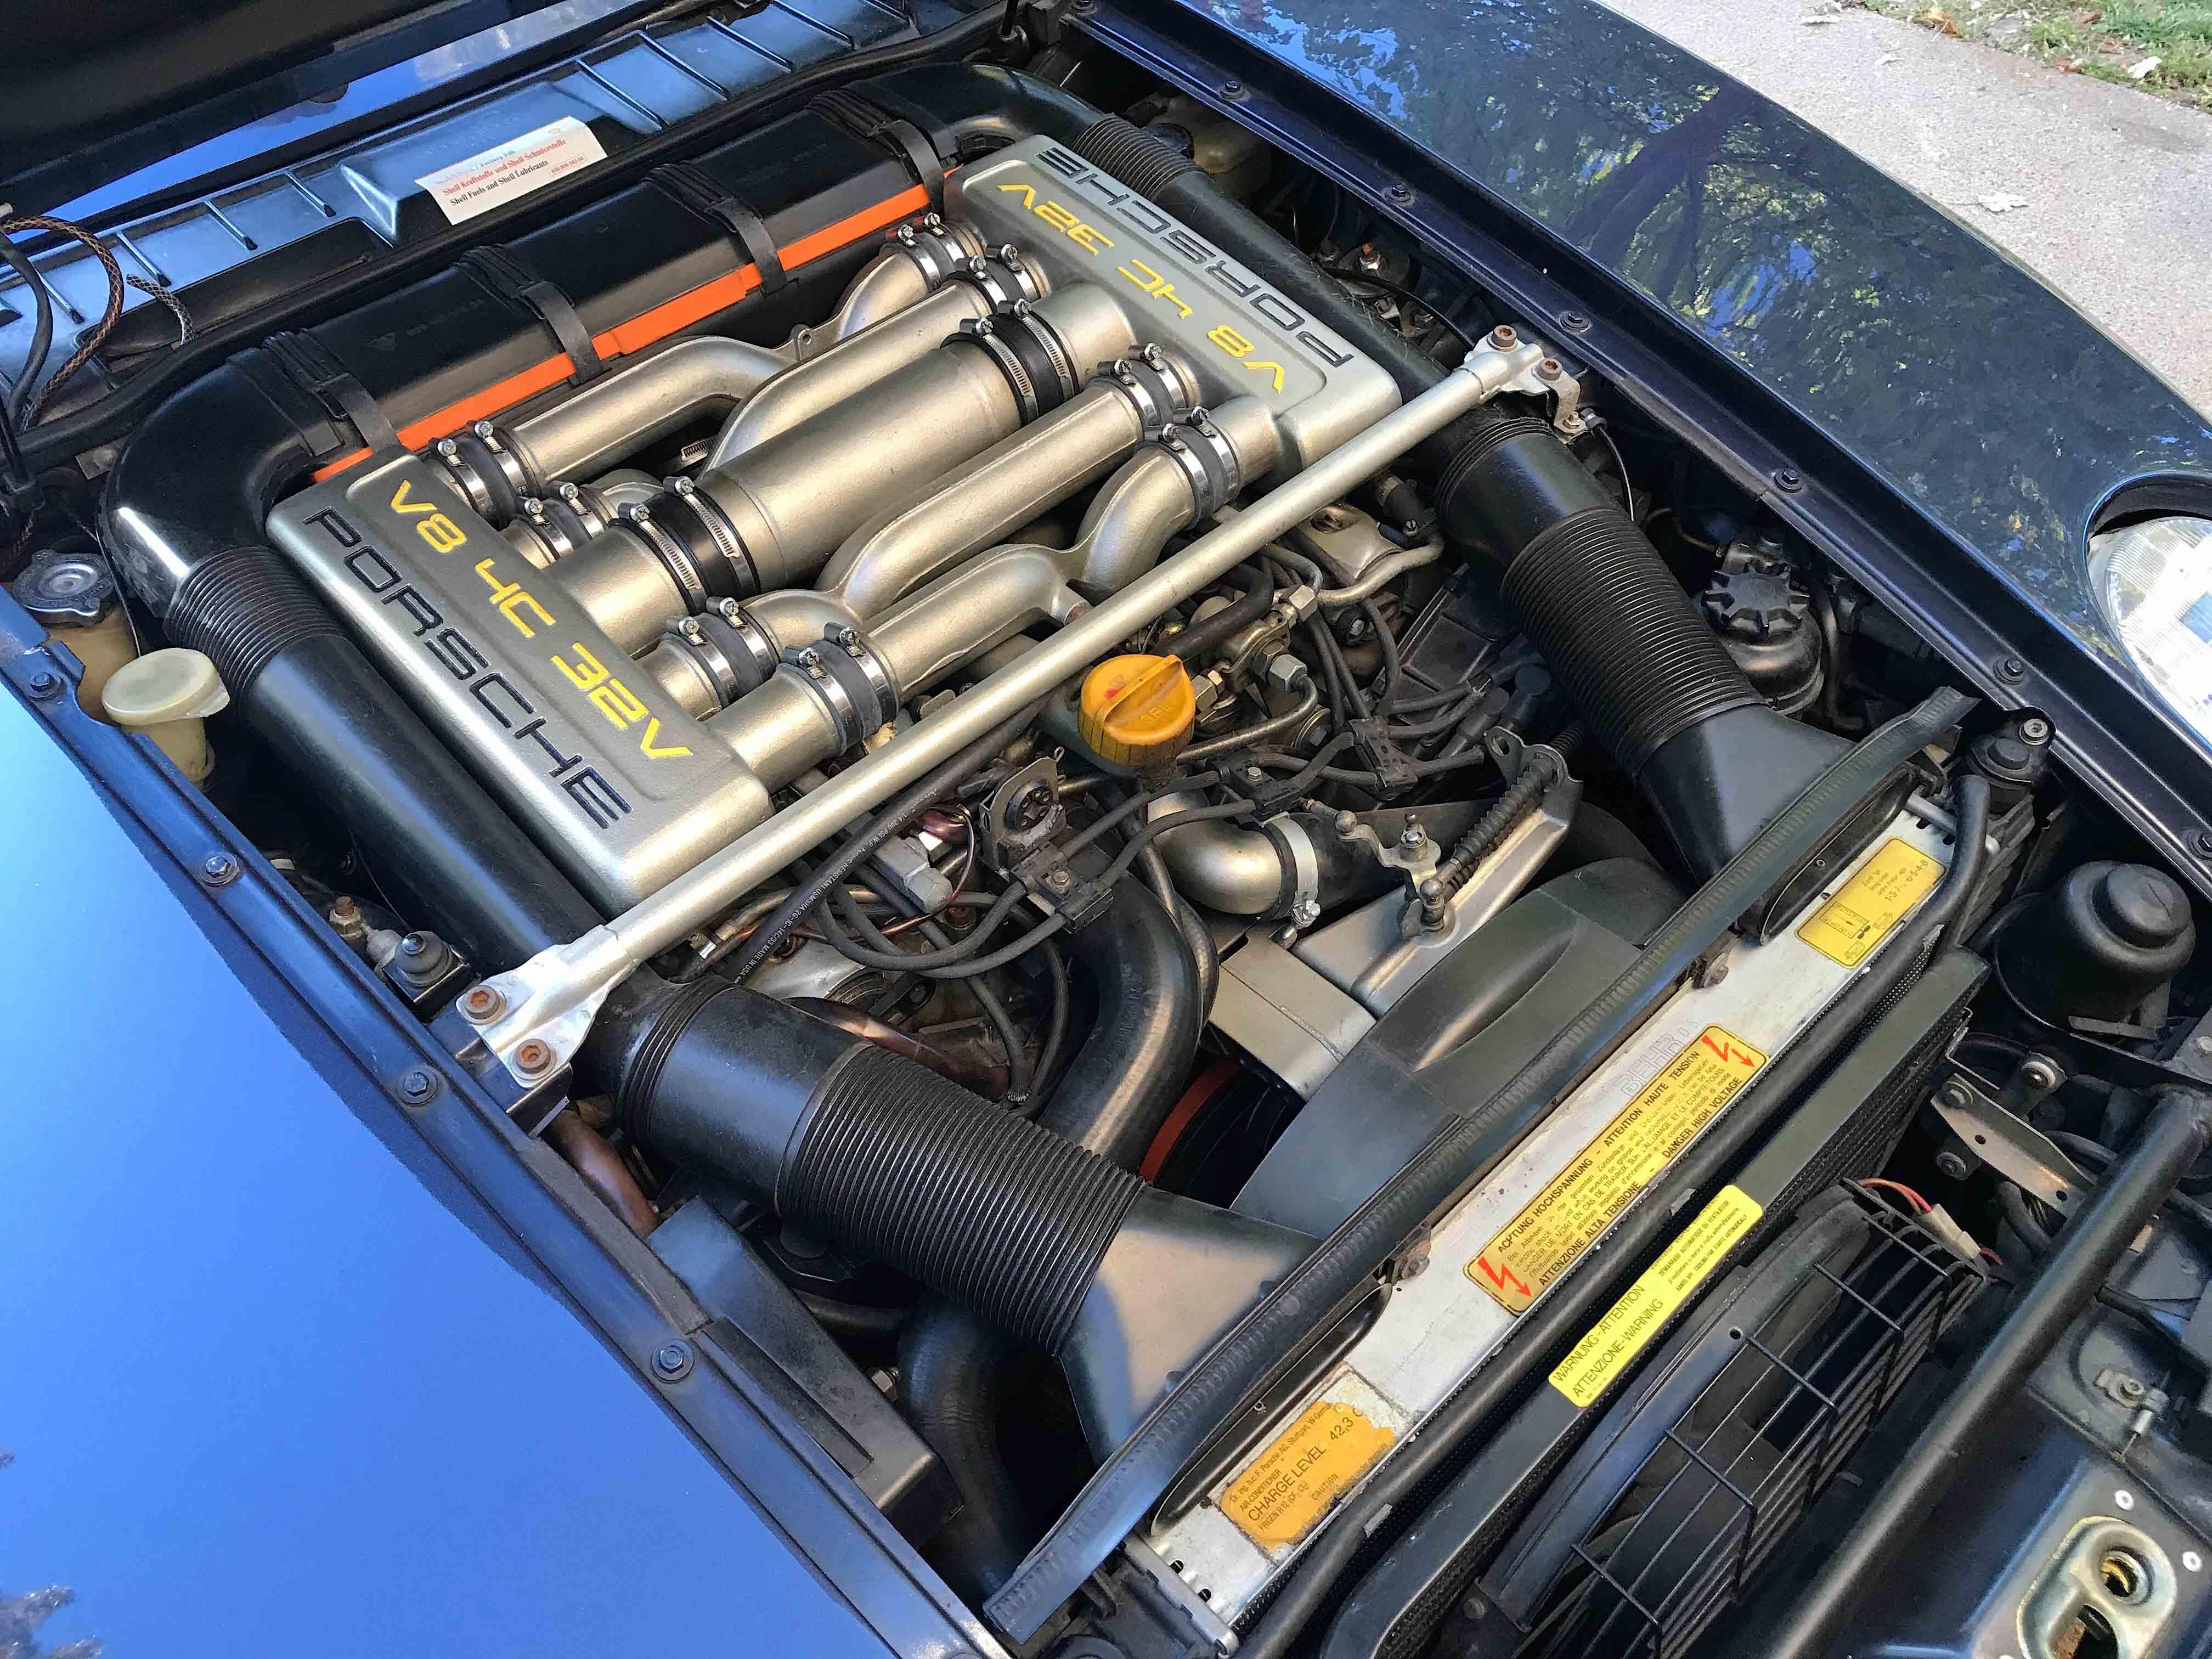 1986 Porsche 928 engine